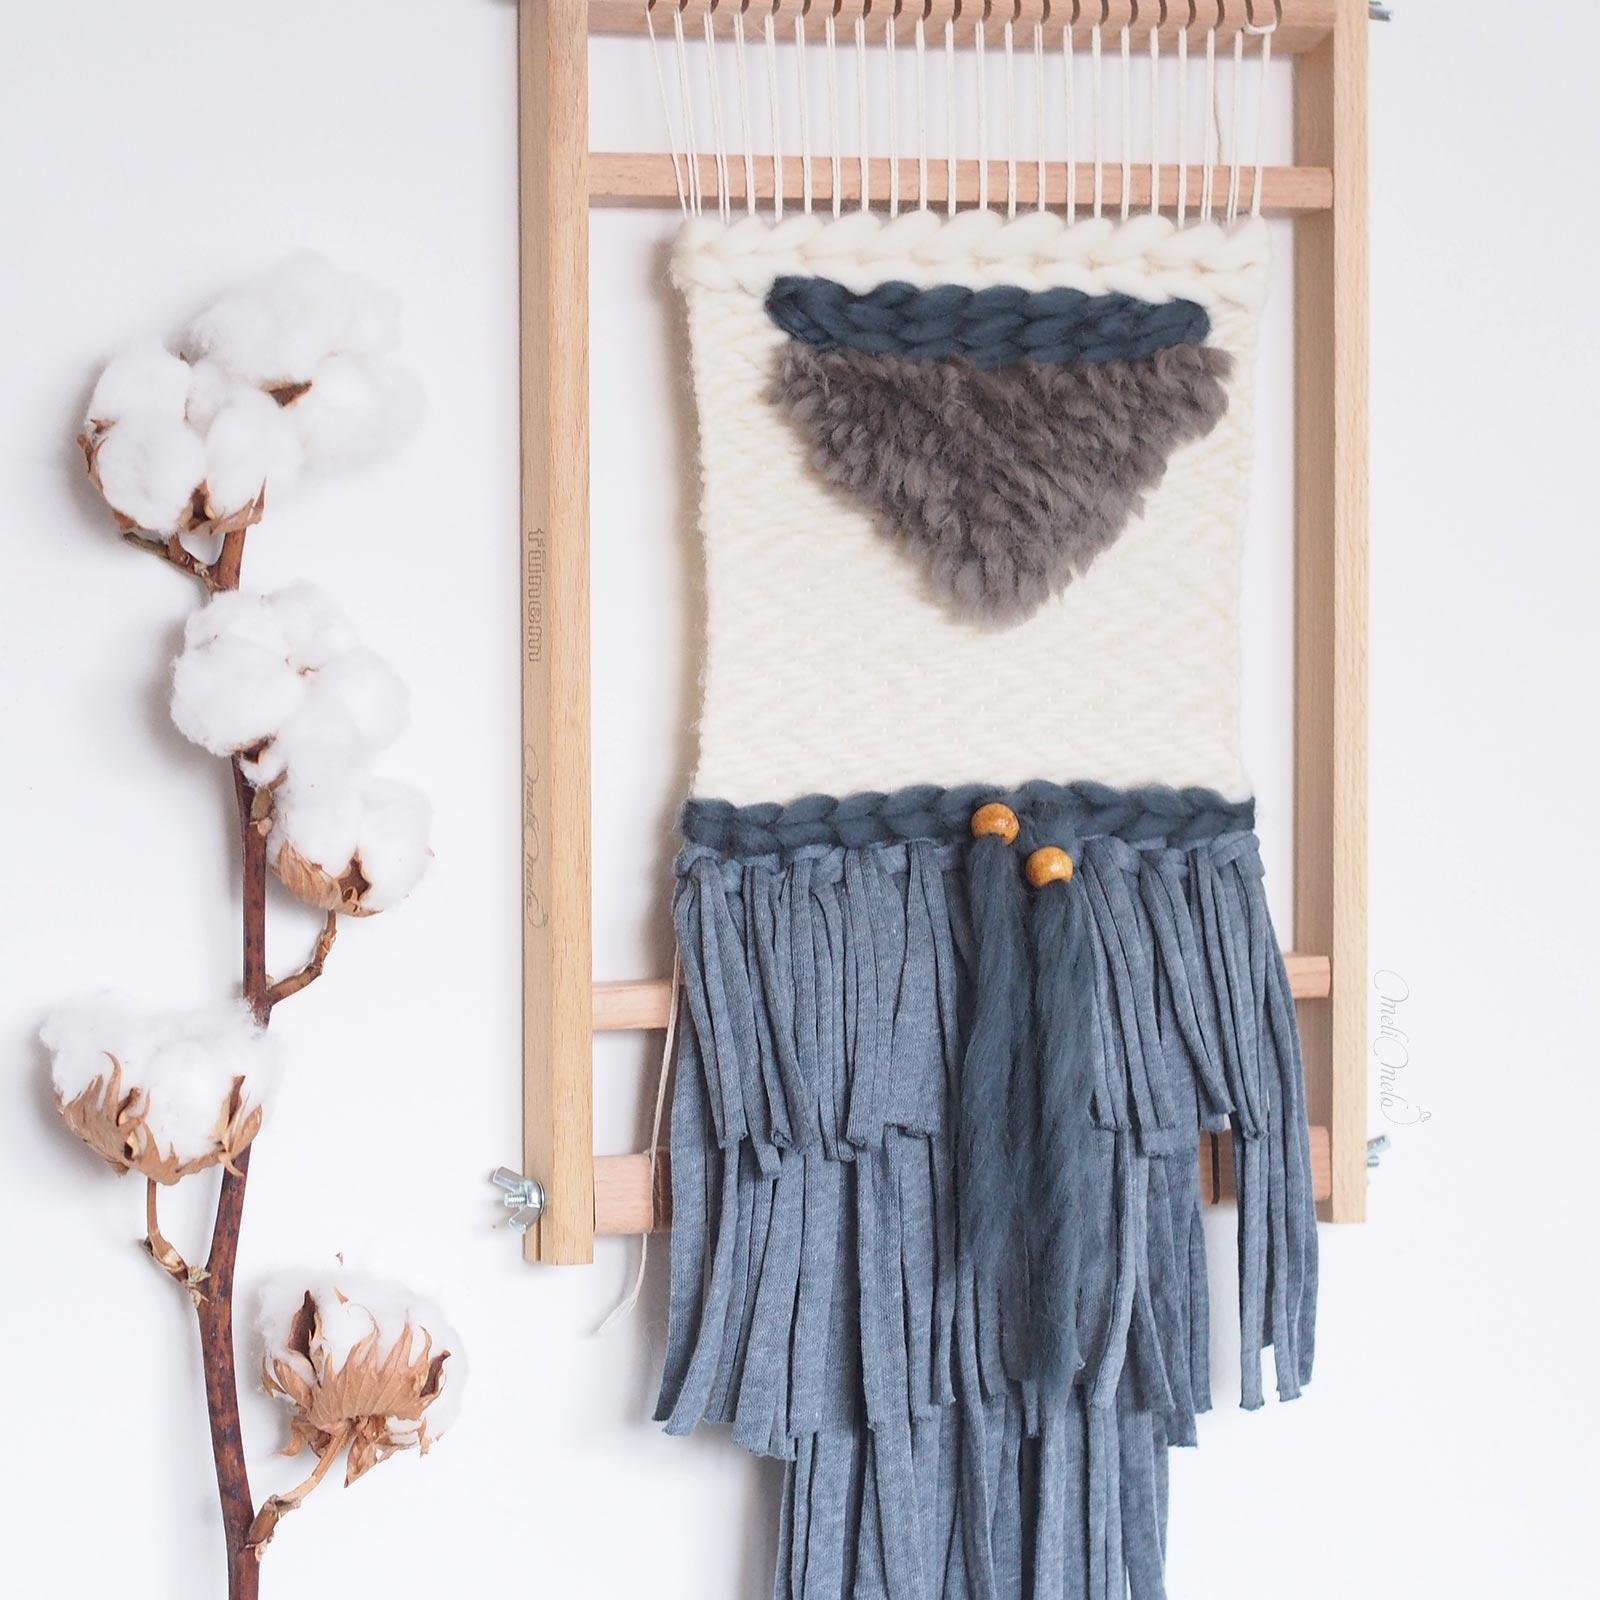 tissage laine Renard Fleur de coton qutuun blue fox bambou bois wood bamboo onehappyleaf laboutiquedemelimelo